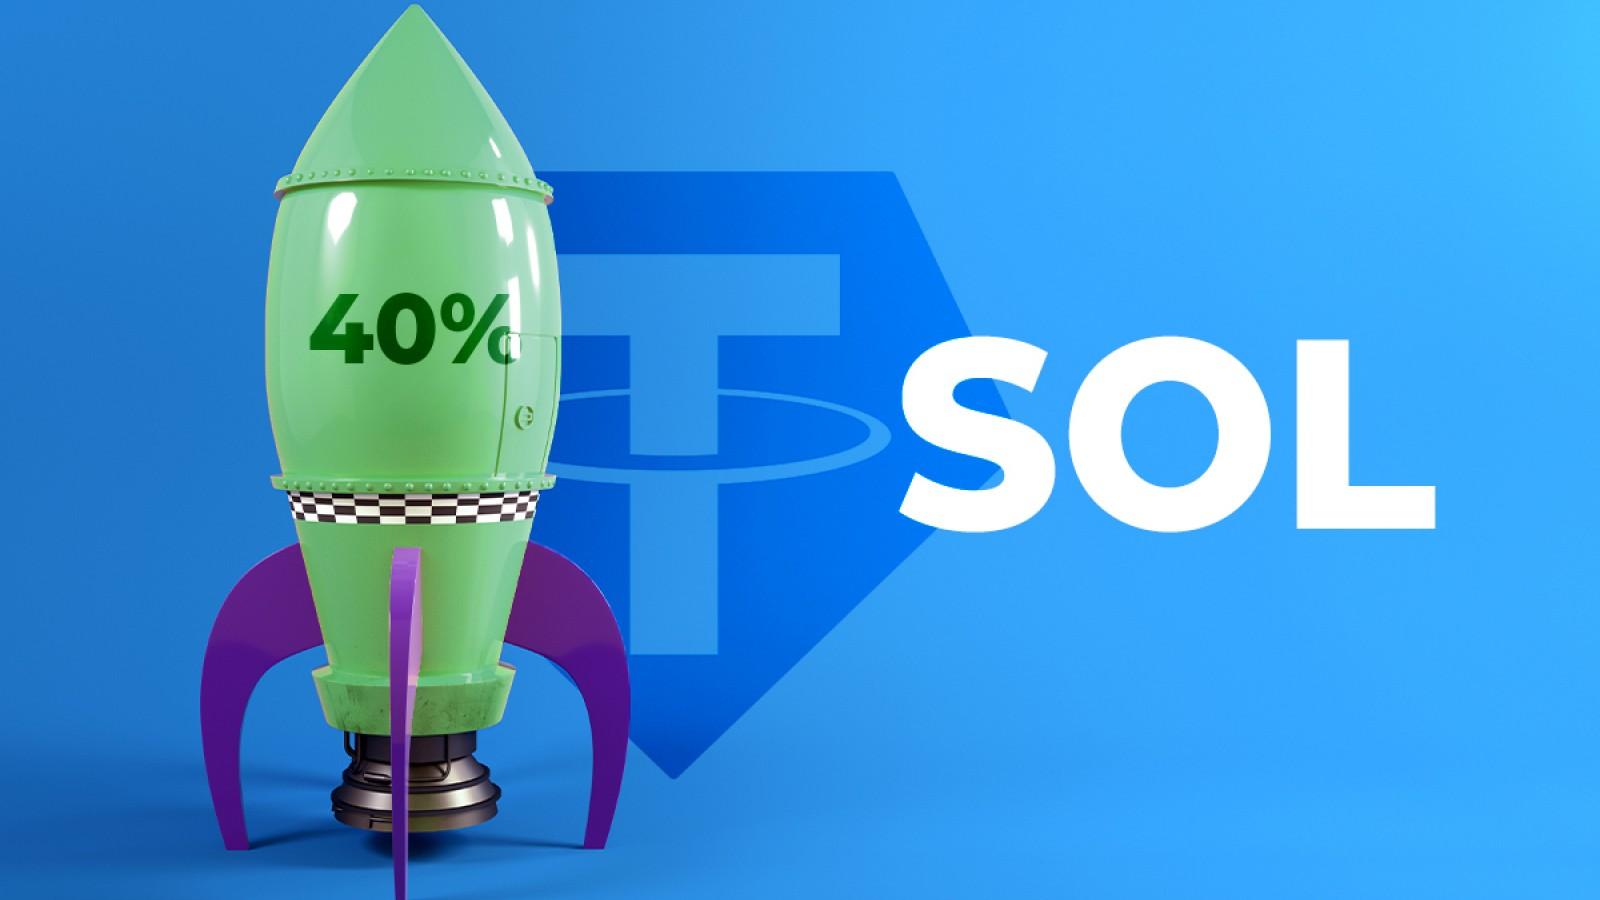 ថិនបានរត់គេចខ្លួន Ethereum ដើម្បីលេងជាមួយ Solana's Blockchain តម្លៃ SOL បានហោះជិត ៥០%